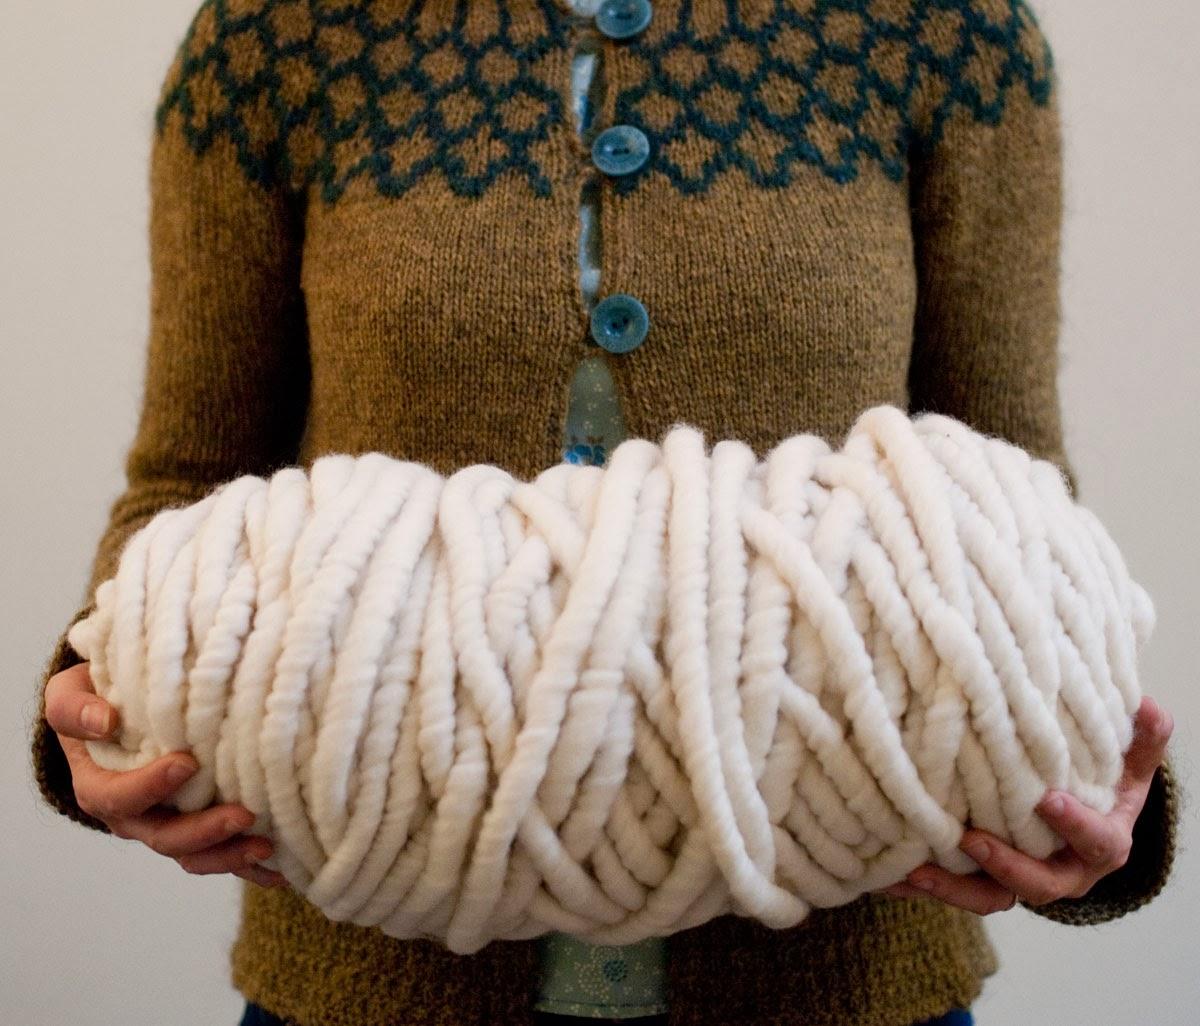 Вязаный кардиган крупной вязки выполнен из толстой пряжи 27